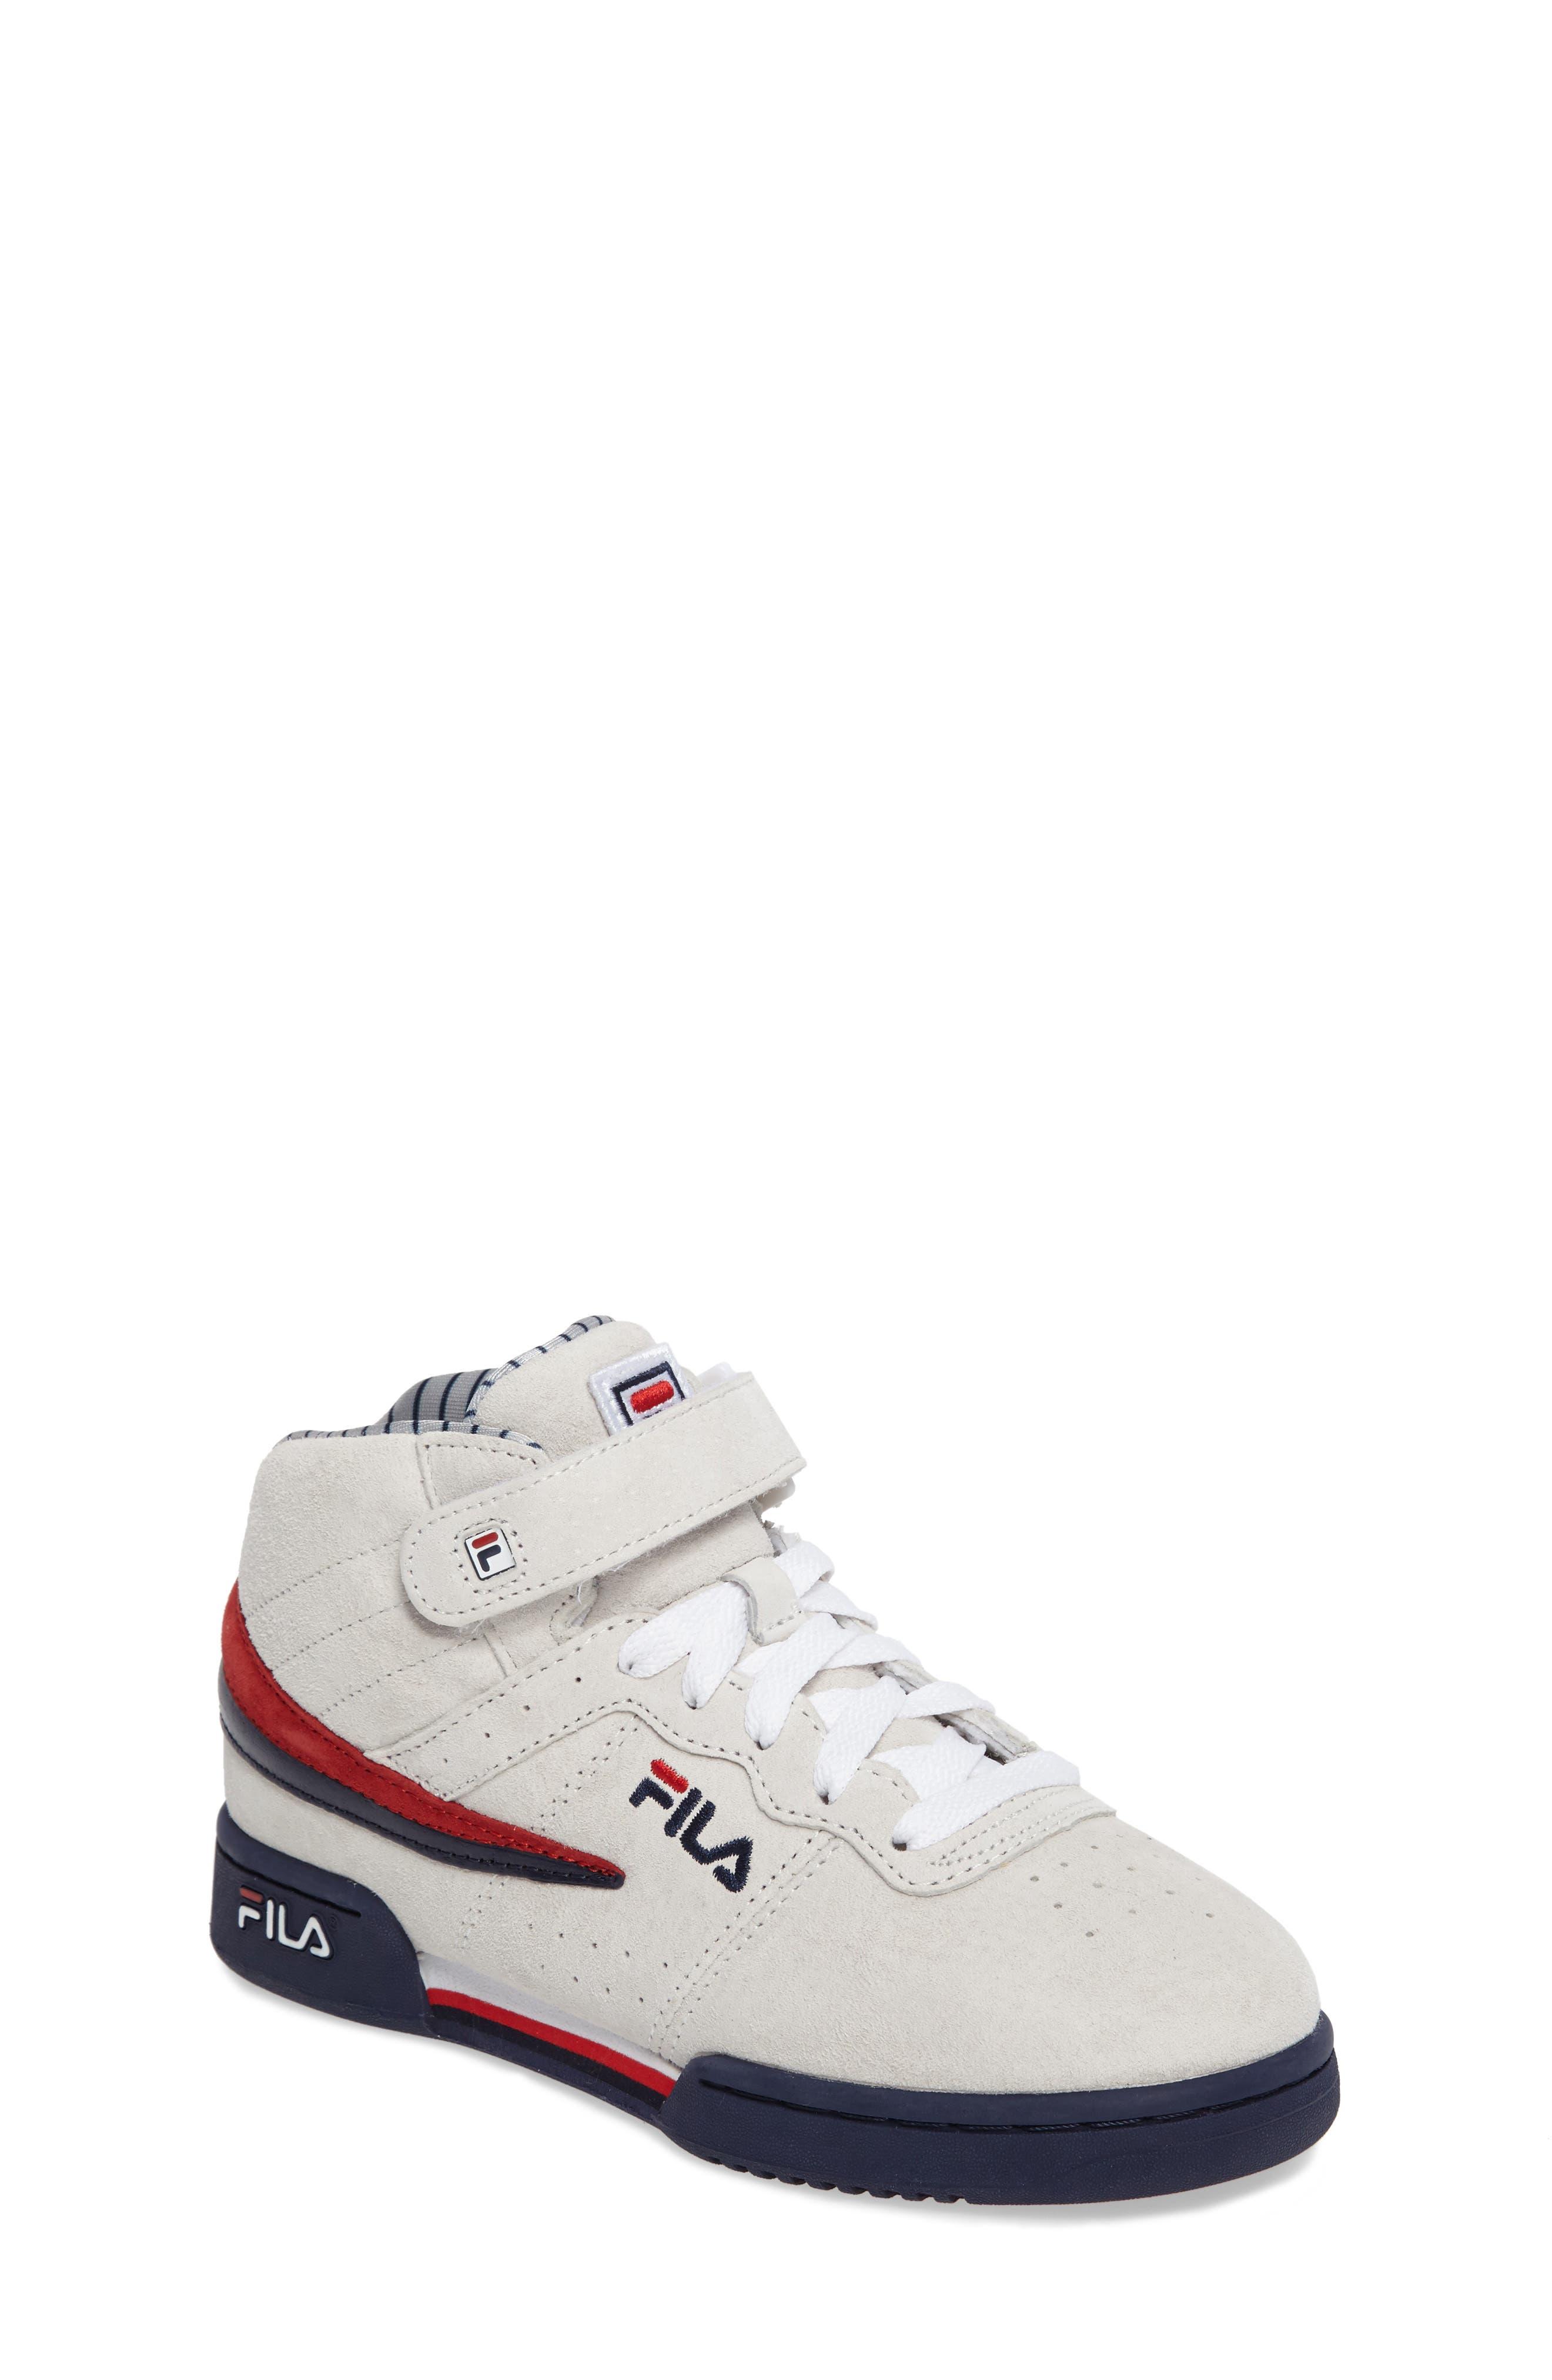 FILA F-13 Mid Pinstripe Sneaker (Big Kid)